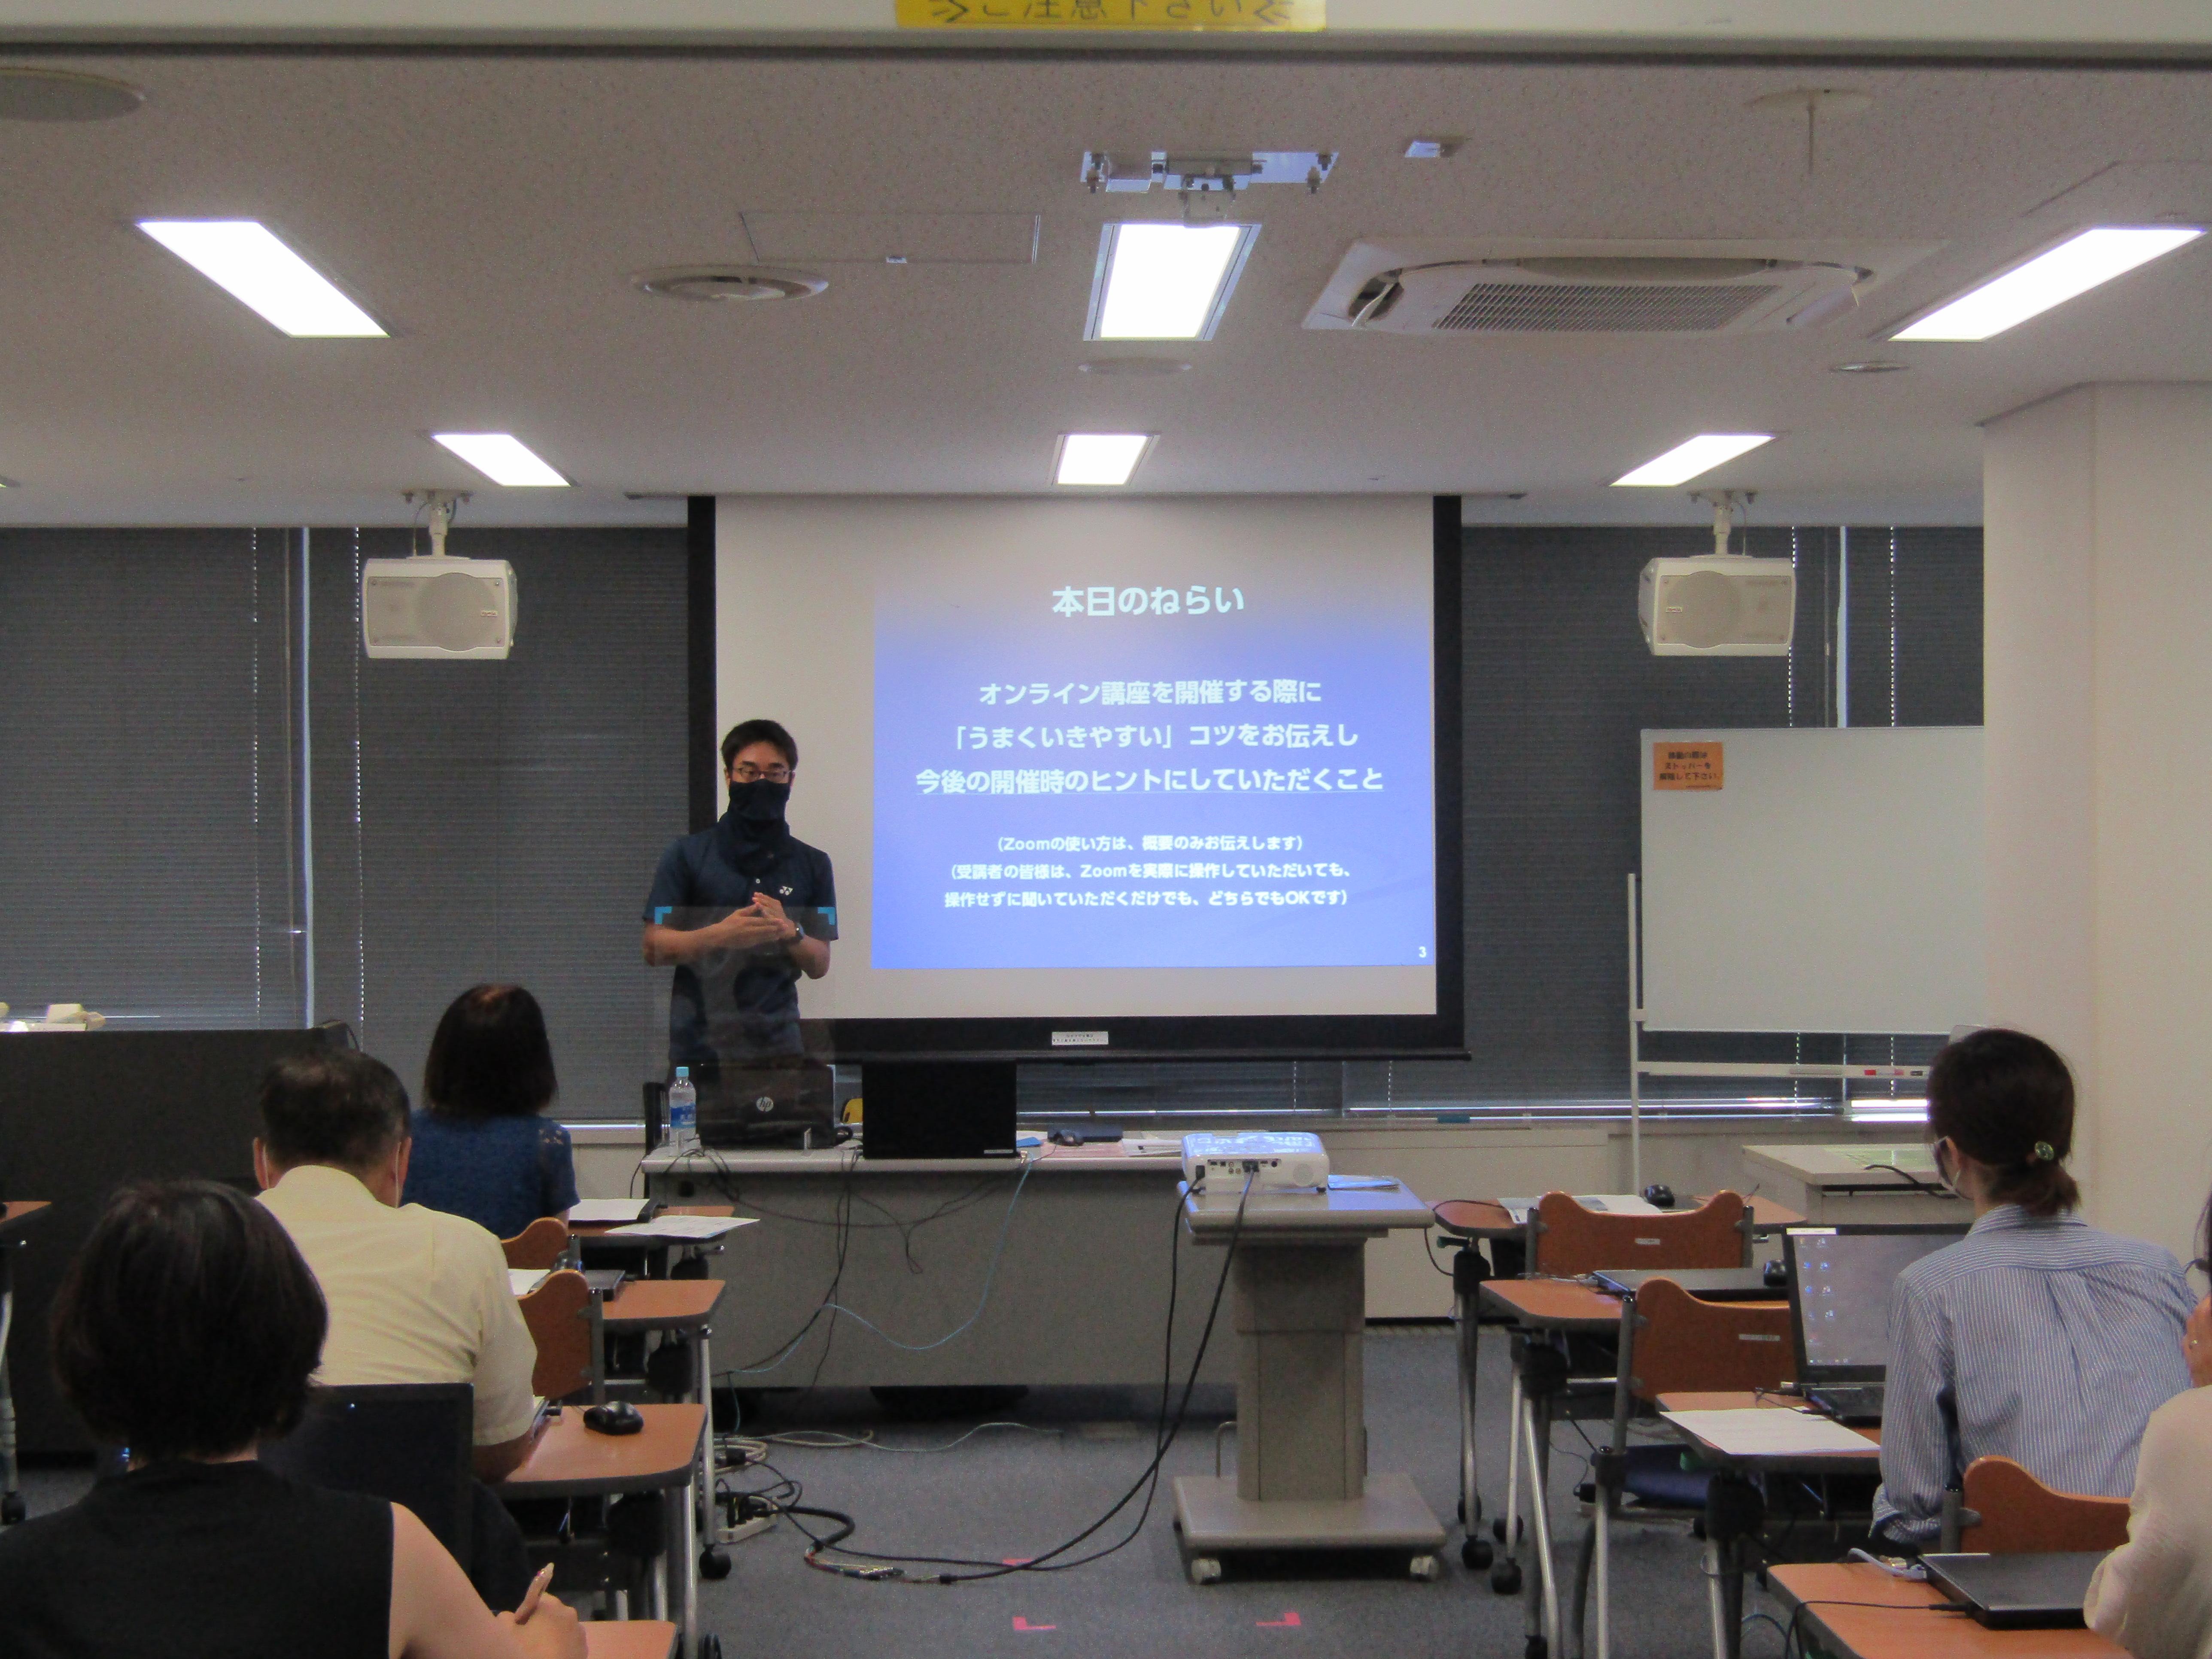 大阪市立総合生涯学習センター「Zoomによるオンライン講座開催のコツ」で宮嶋健人が講師を担当しました。